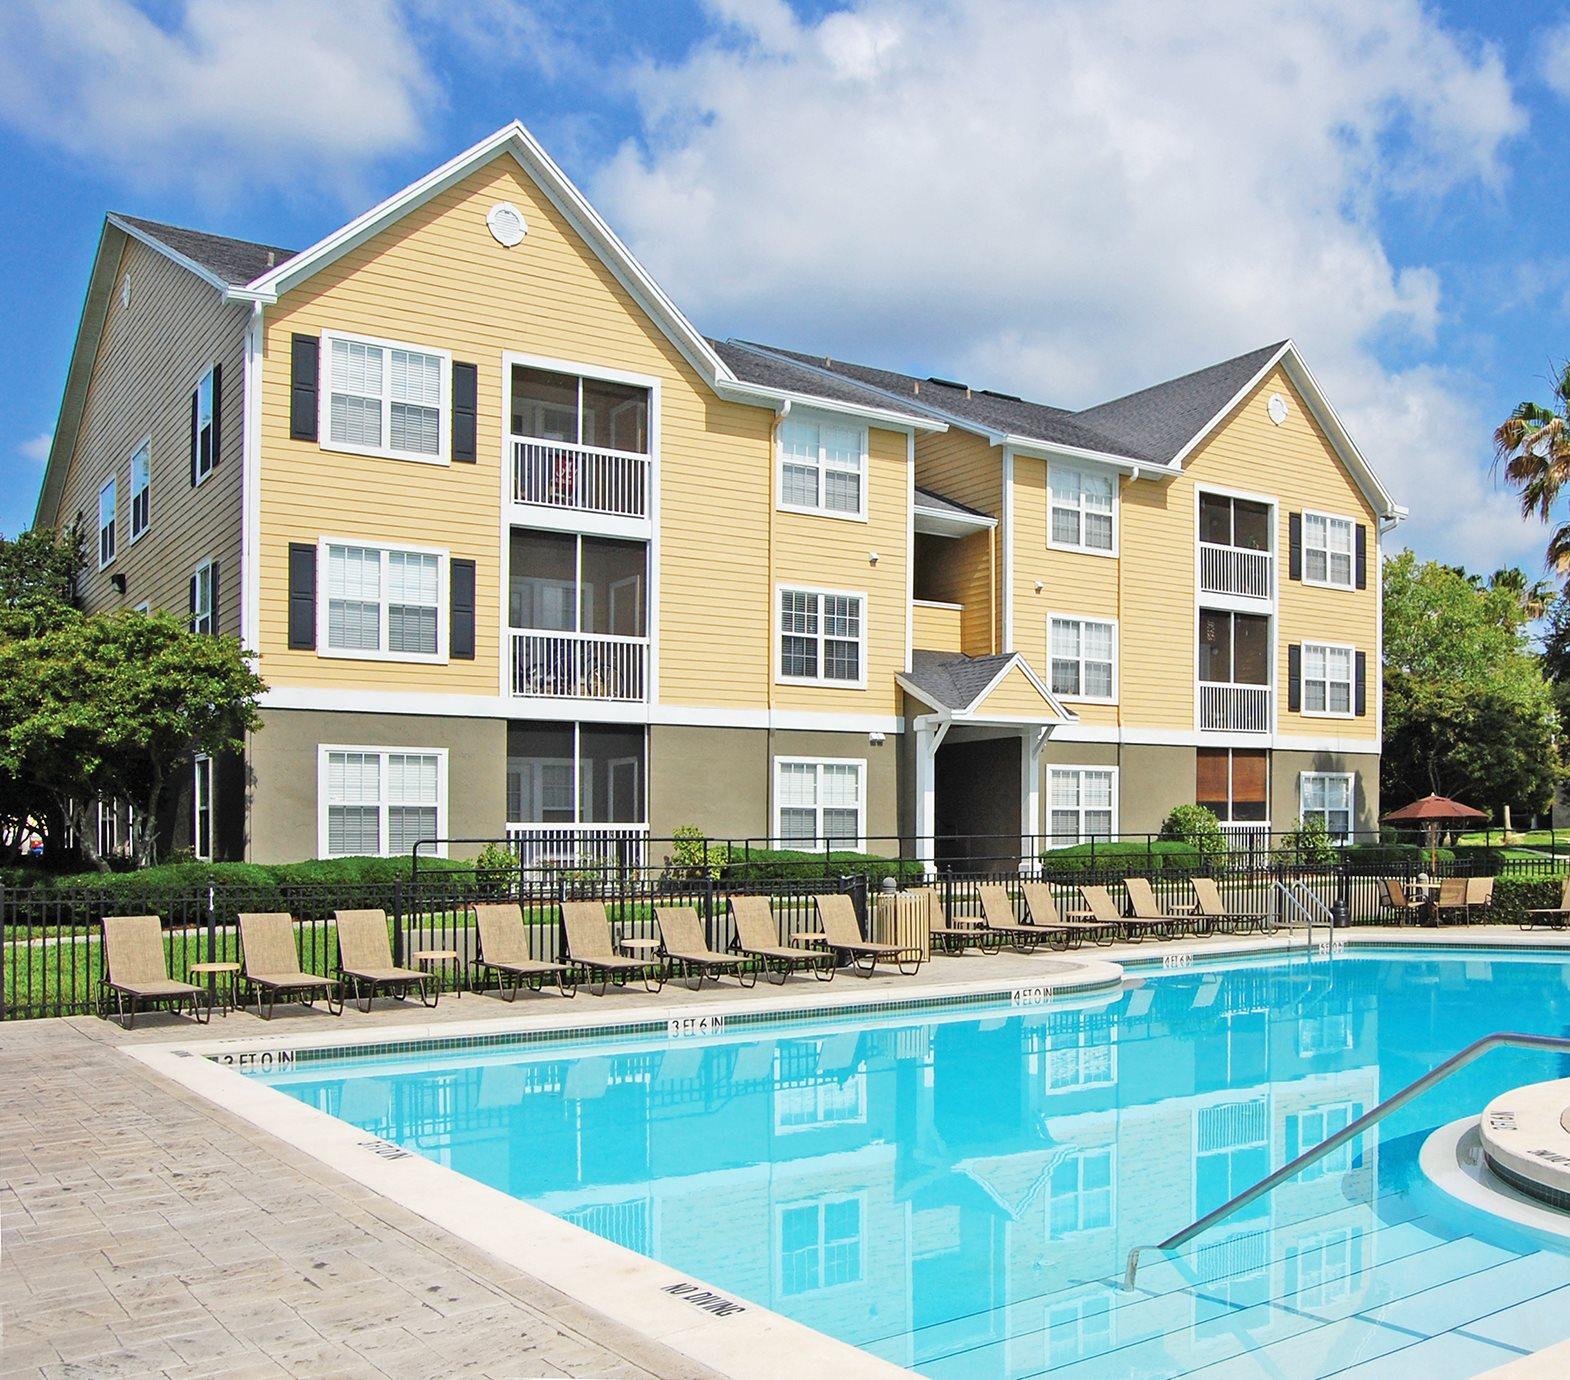 Town Center Jacksonville Fl: Apartments In Jacksonville, FL